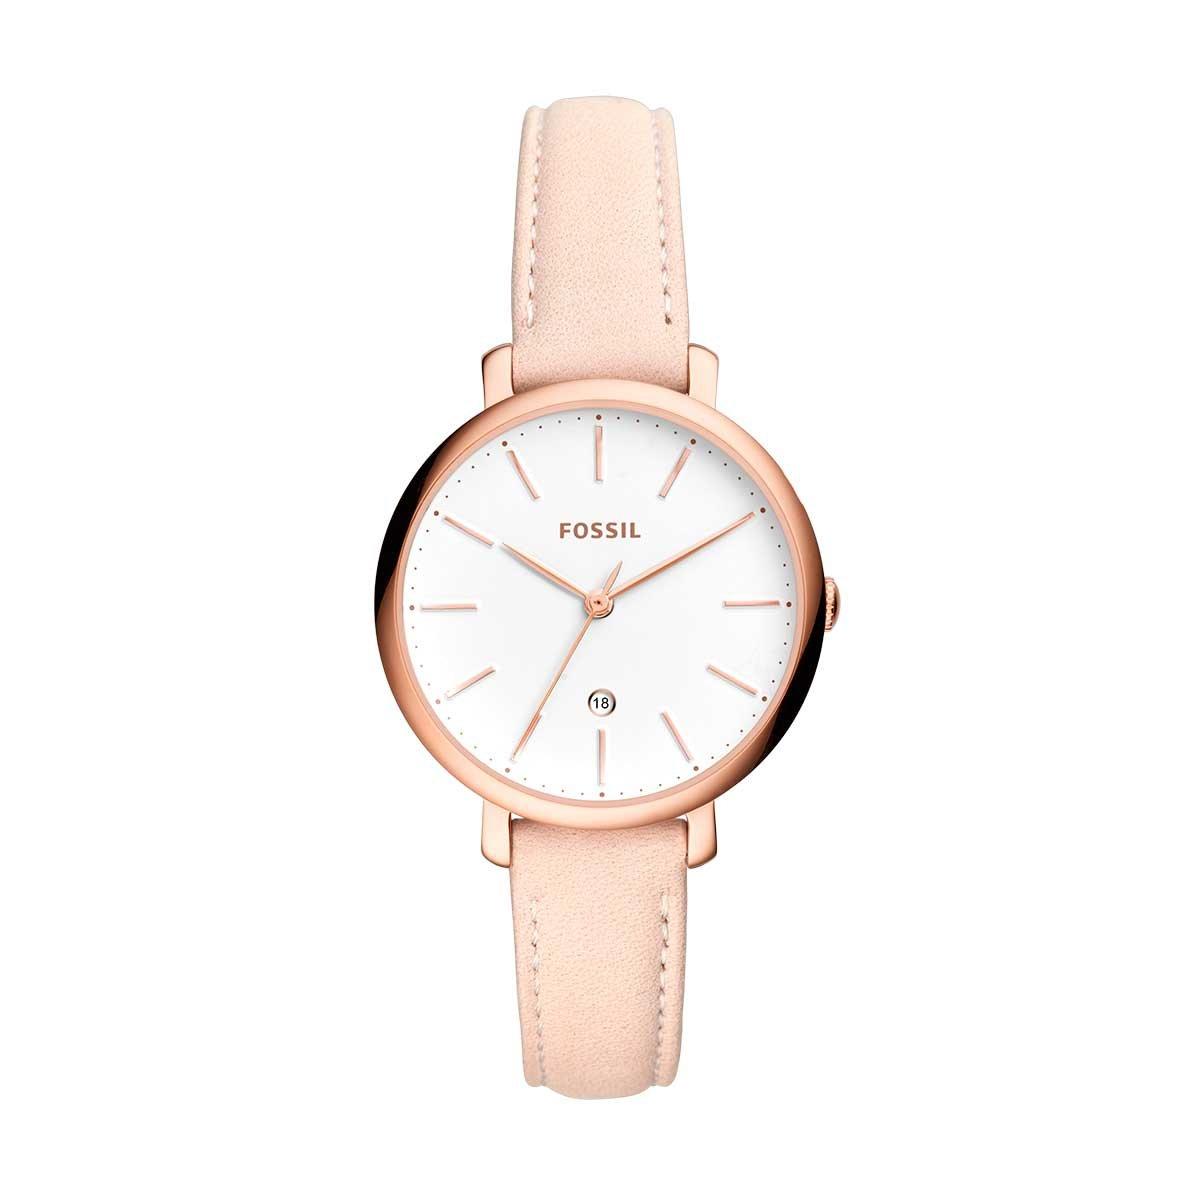 Reloj Dama Fossil Es4369 Me Entiende Es3816 Original